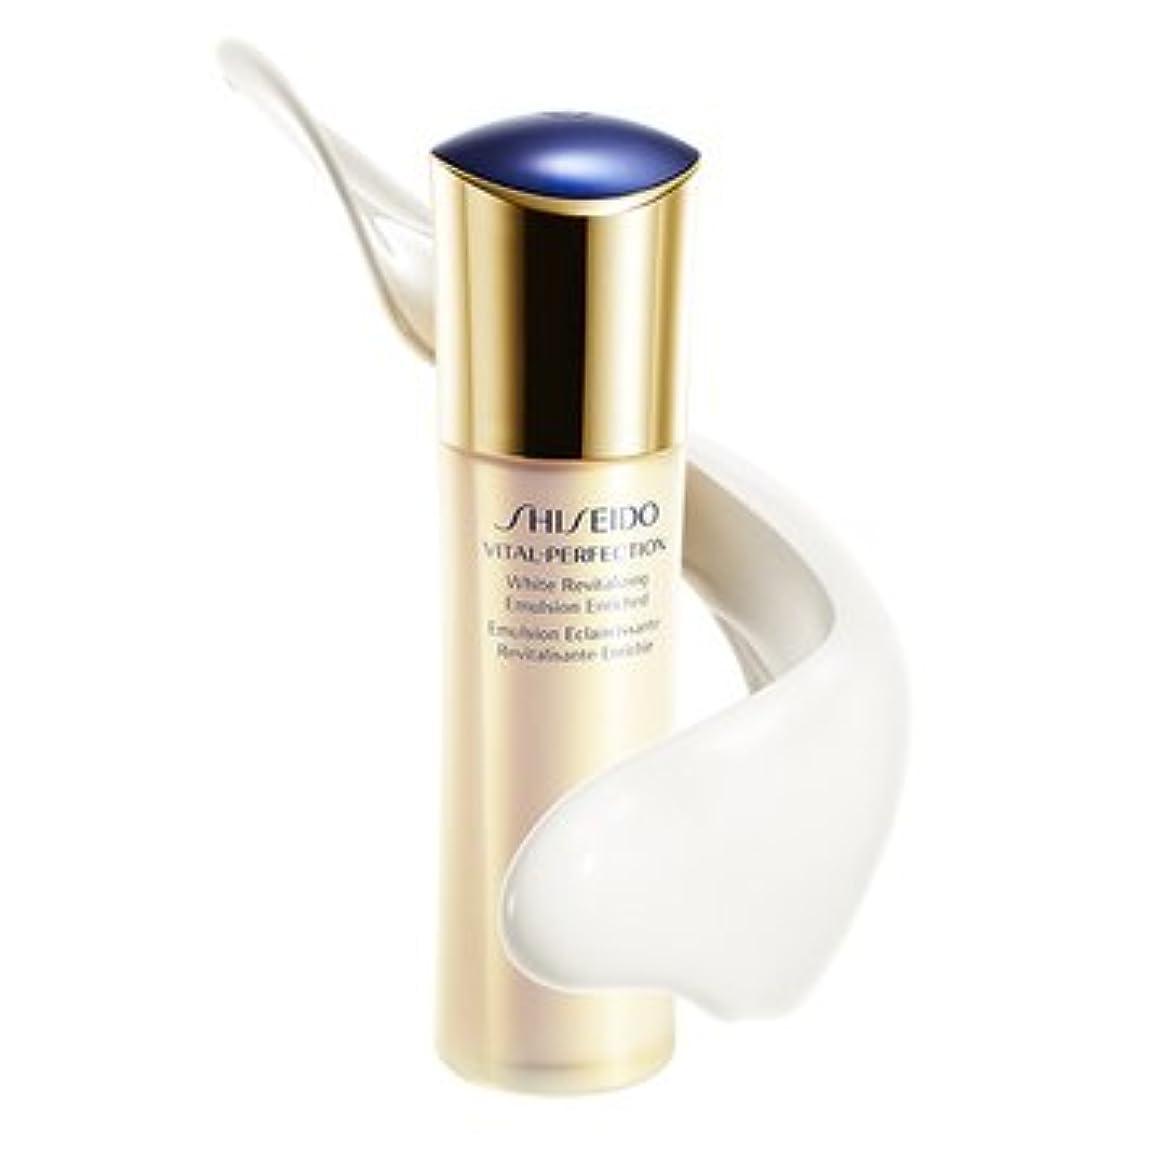 投資活力恥ずかしさ資生堂/shiseido バイタルパーフェクション/VITAL-PERFECTION ホワイトRV エマルジョン(医薬部外品)美白乳液